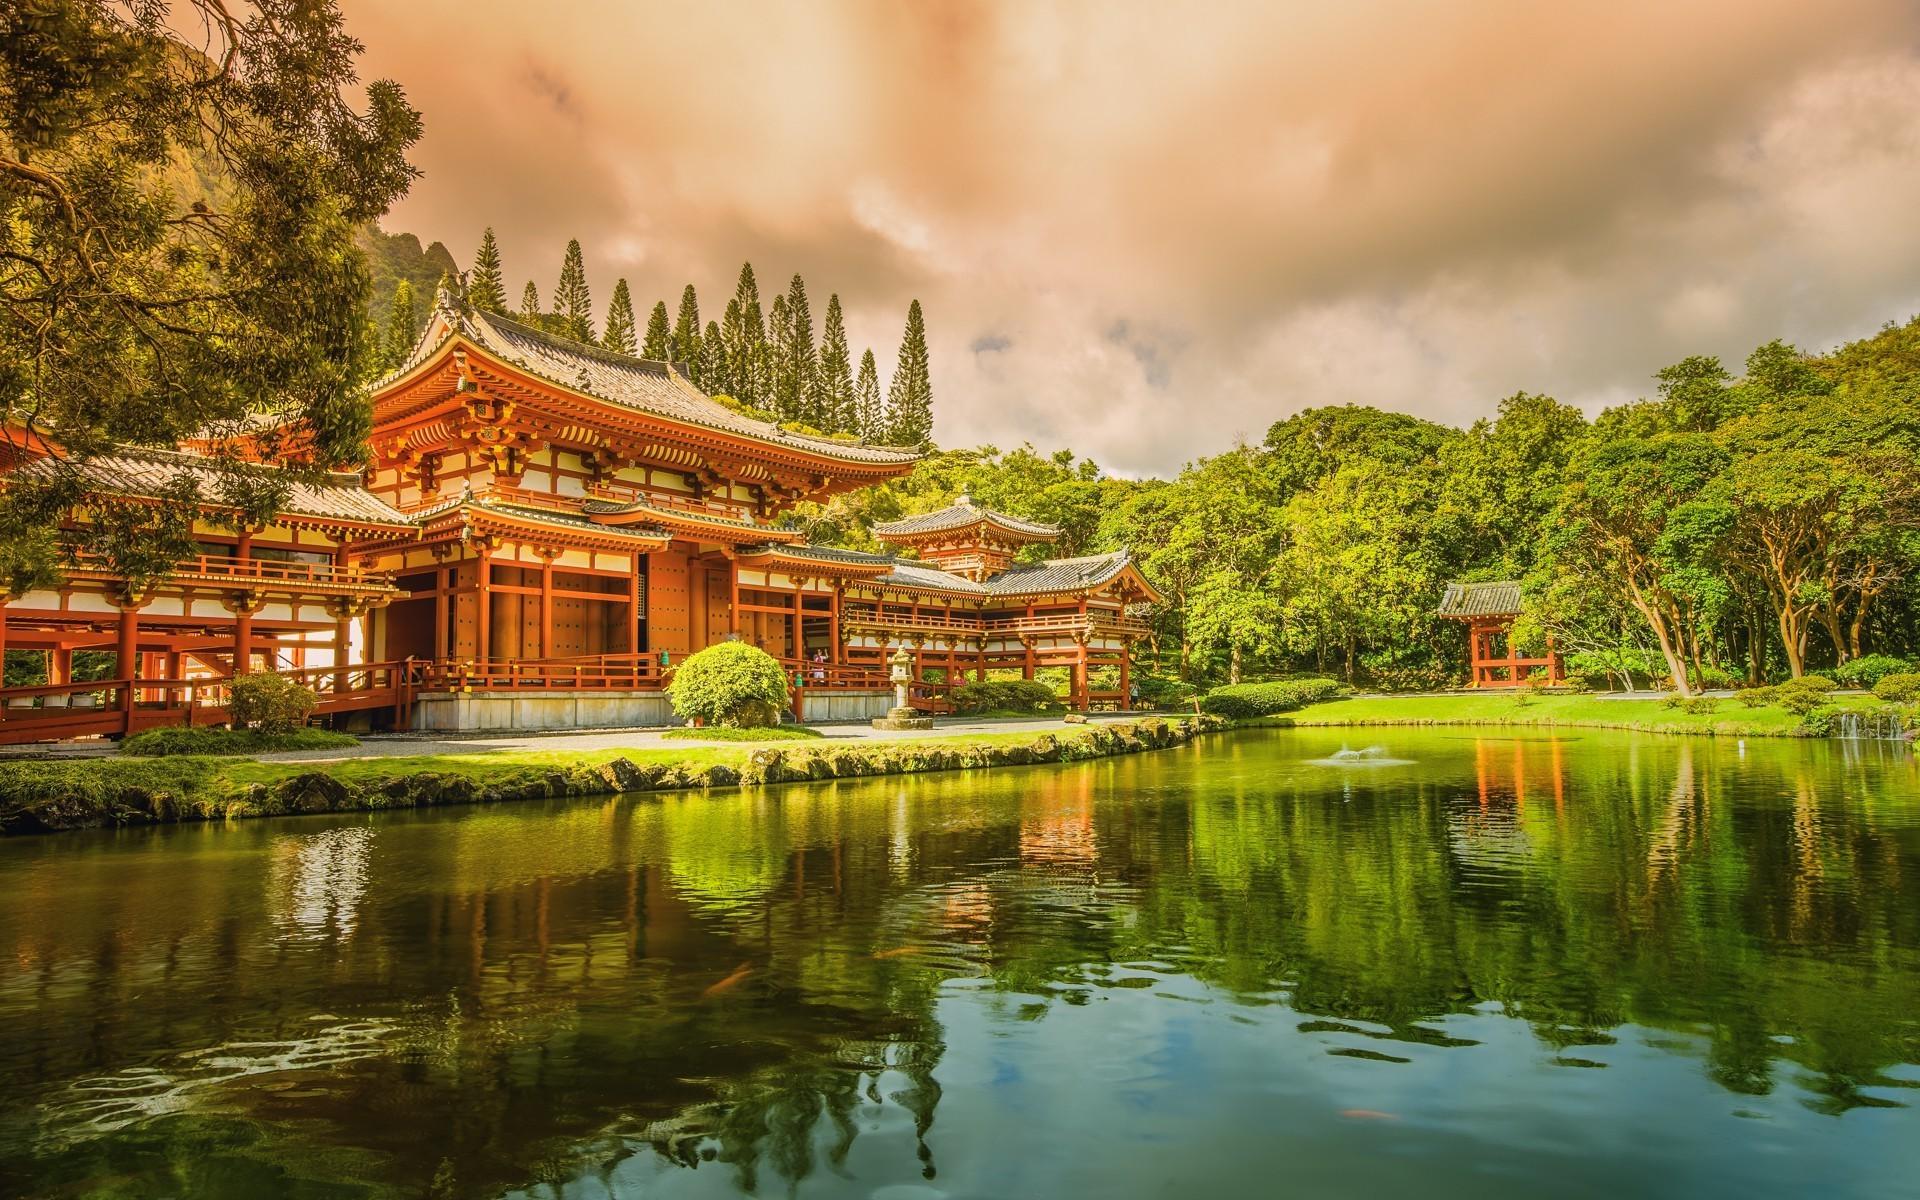 картинка япония пейзаж свои